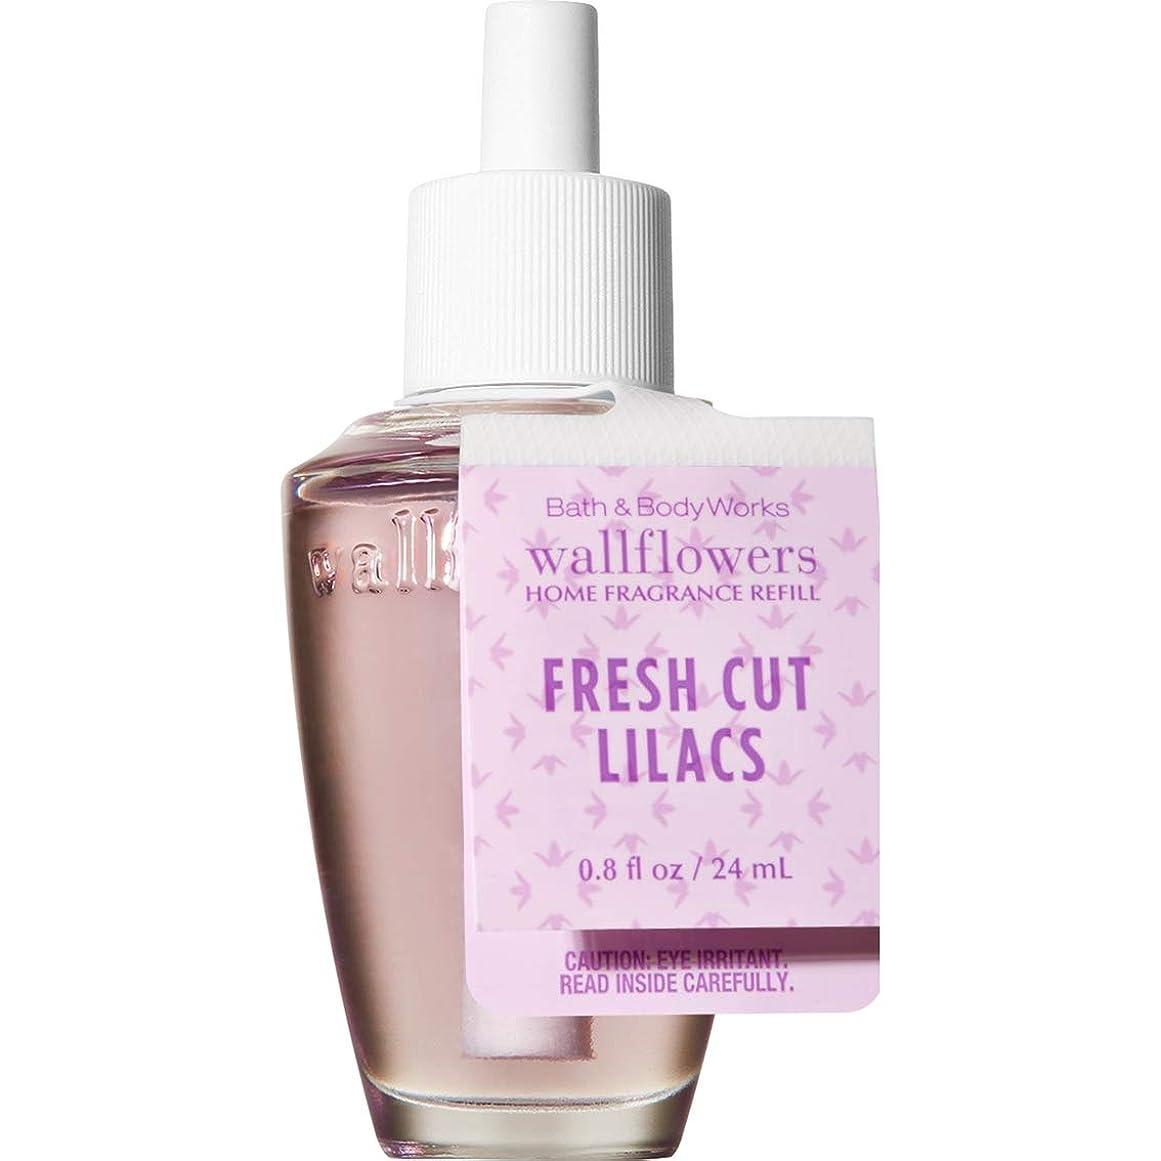 持ってる罪人革命的【Bath&Body Works/バス&ボディワークス】 ルームフレグランス 詰替えリフィル フレッシュカットライラック Wallflowers Home Fragrance Refill Fresh Cut Lilacs [並行輸入品]